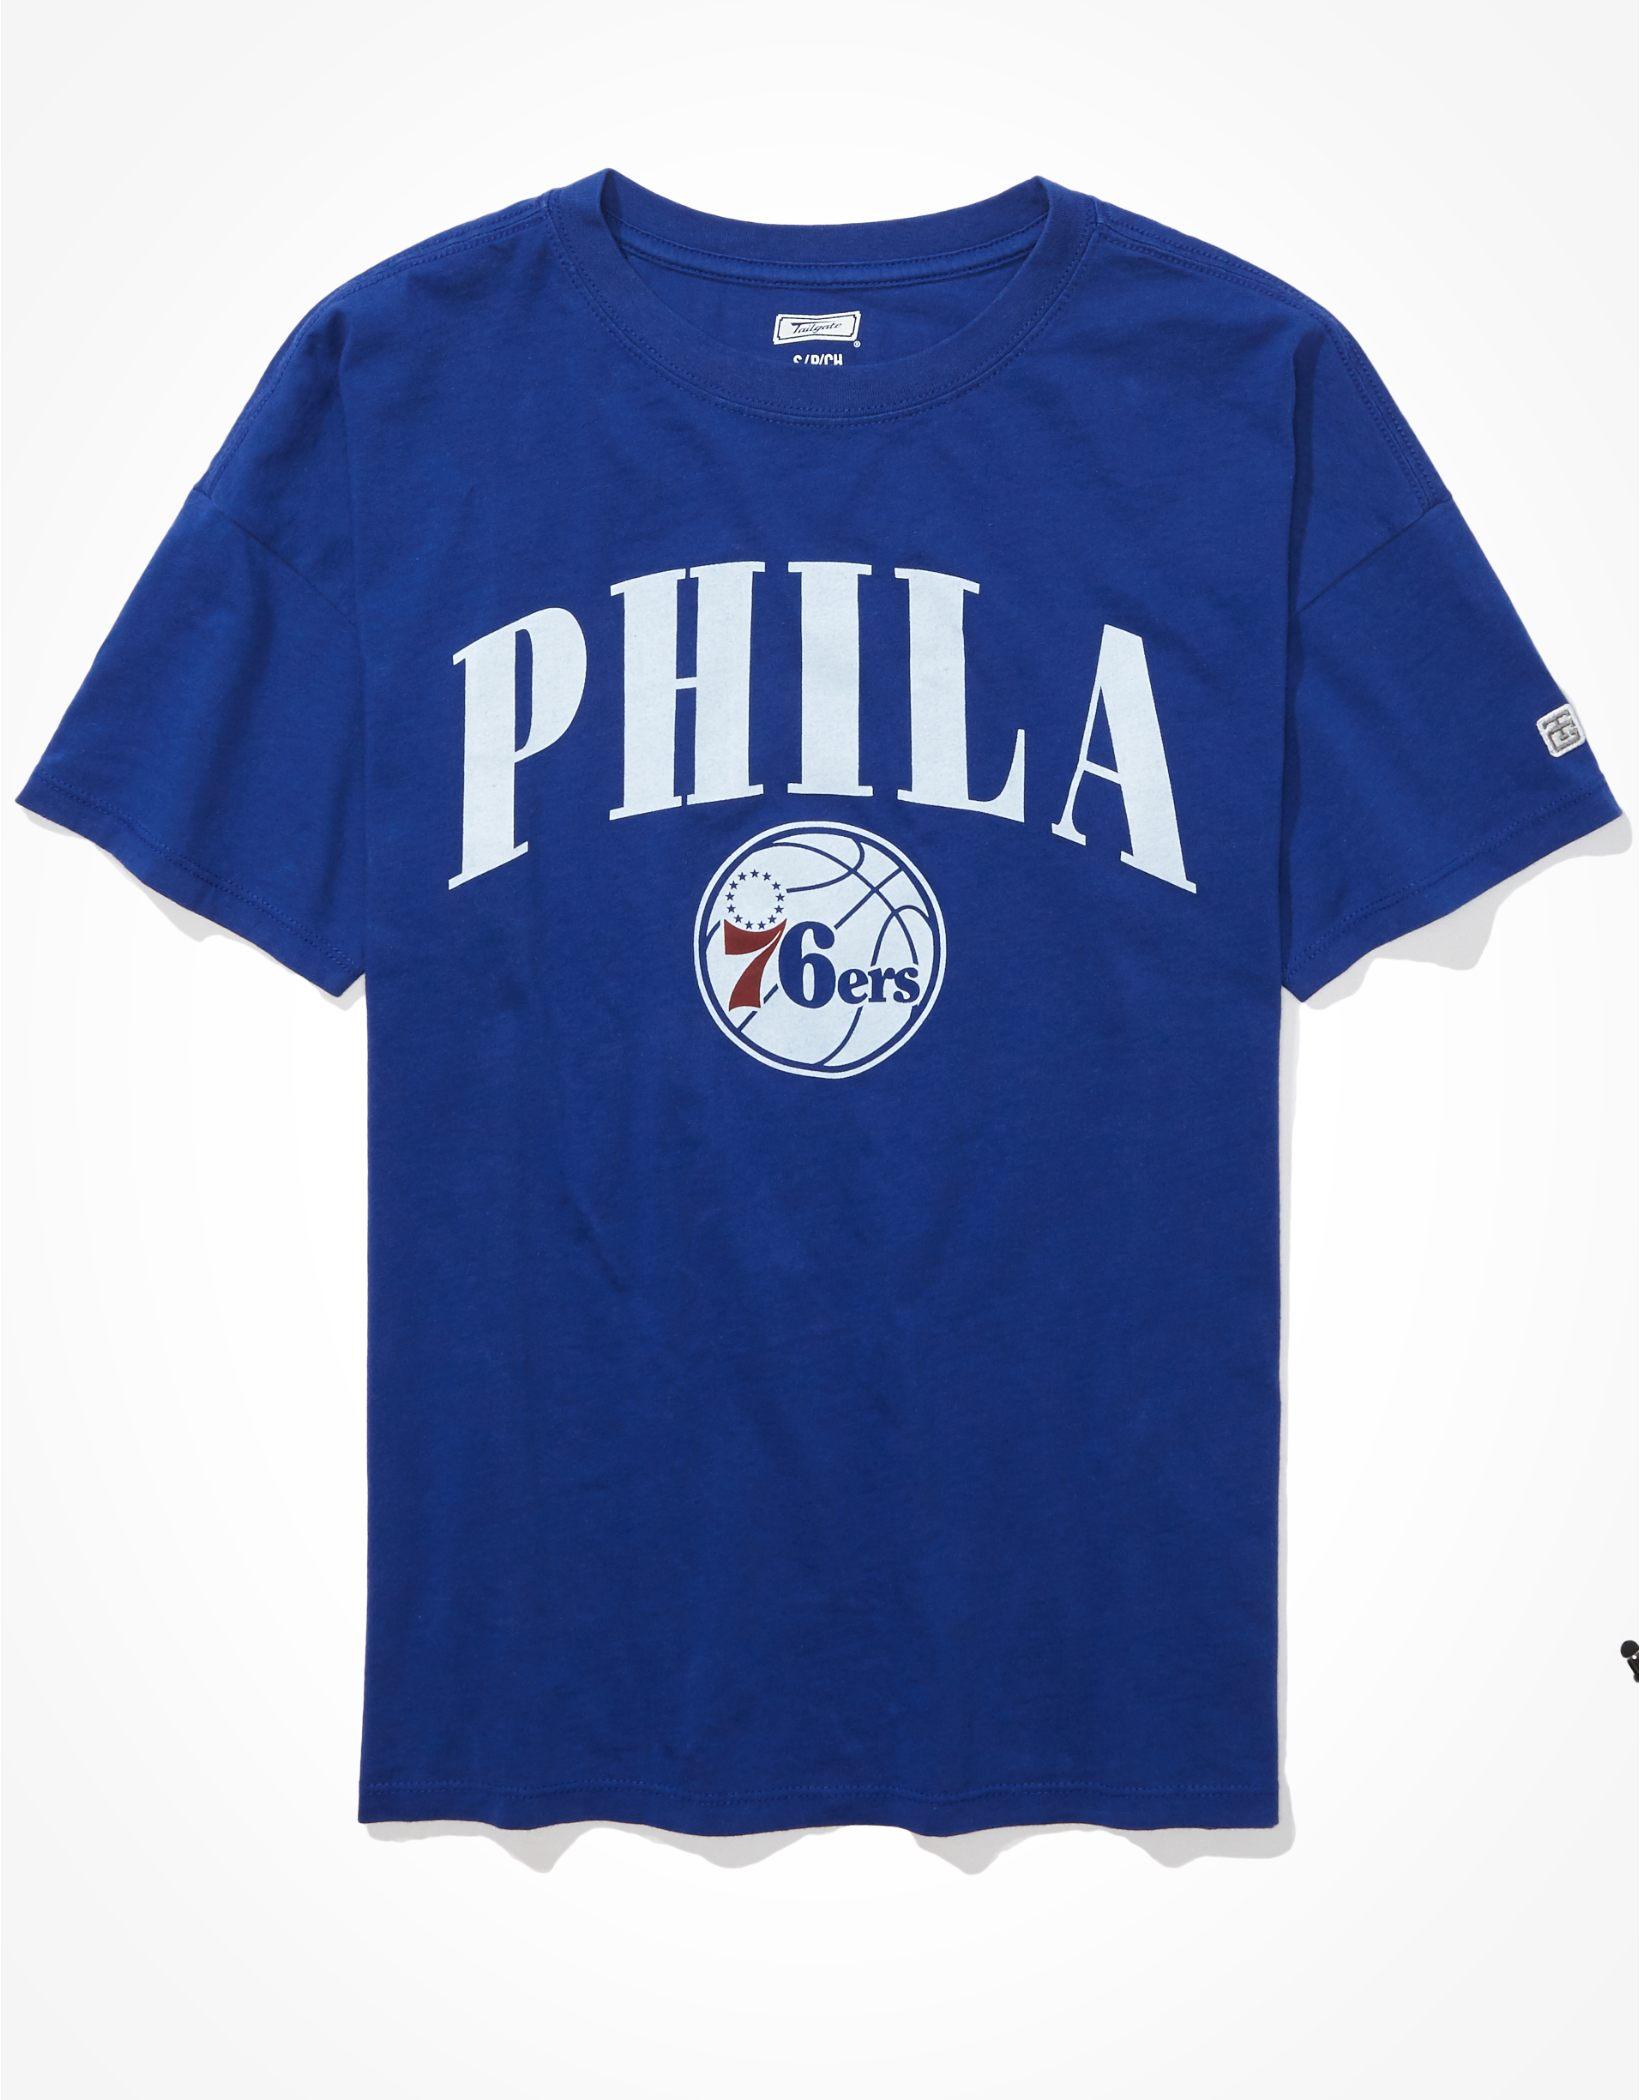 Tailgate Women's Philadelphia 76ers Oversized T-Shirt